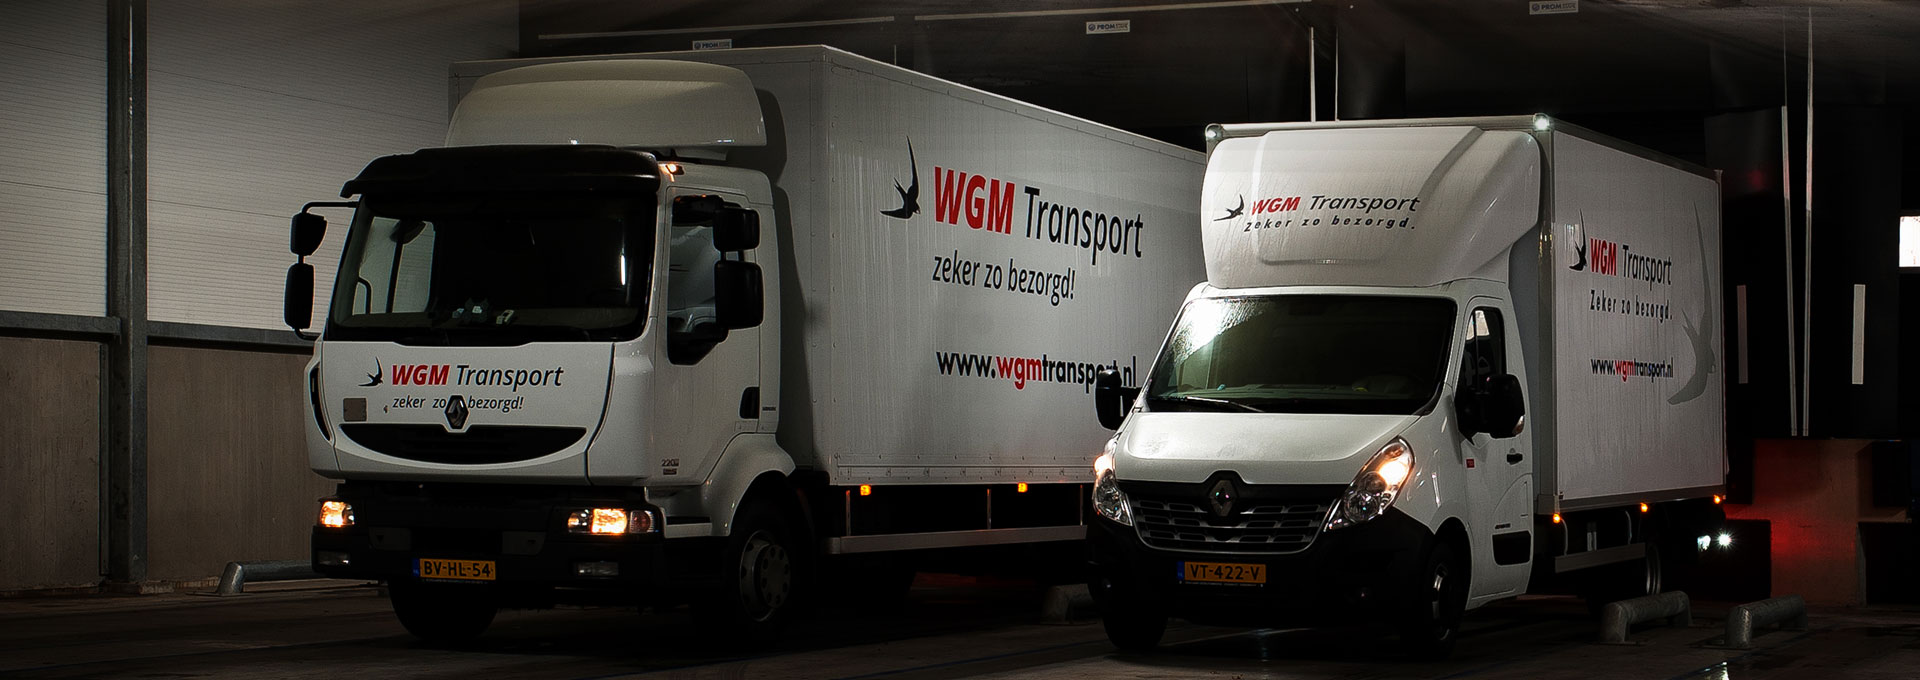 transportbedrijf roosendaal